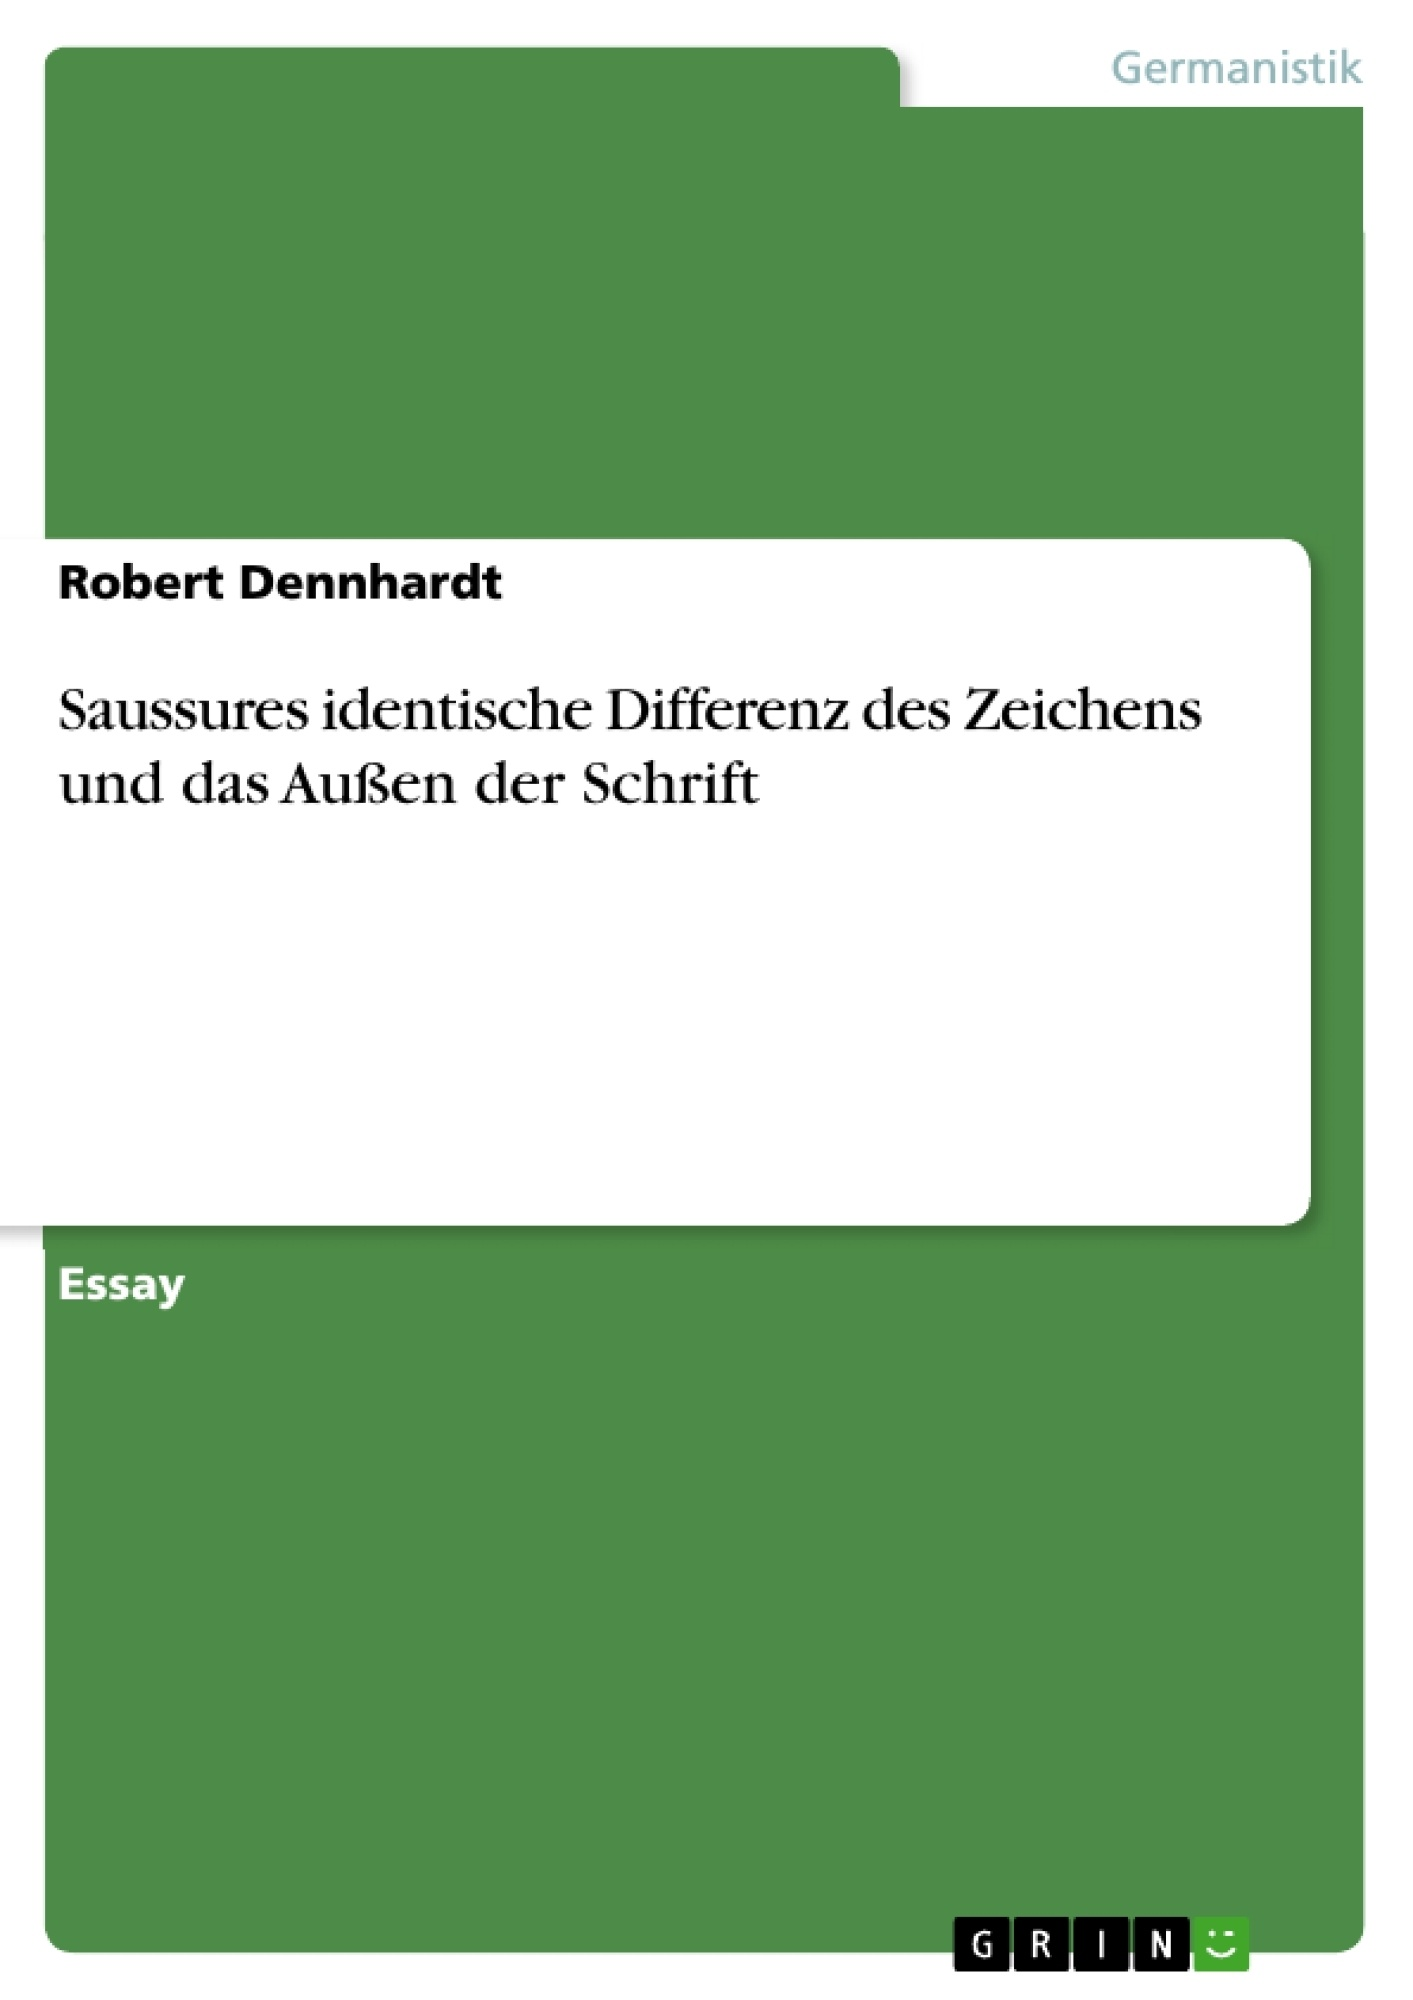 Titel: Saussures identische Differenz des Zeichens und das Außen der Schrift